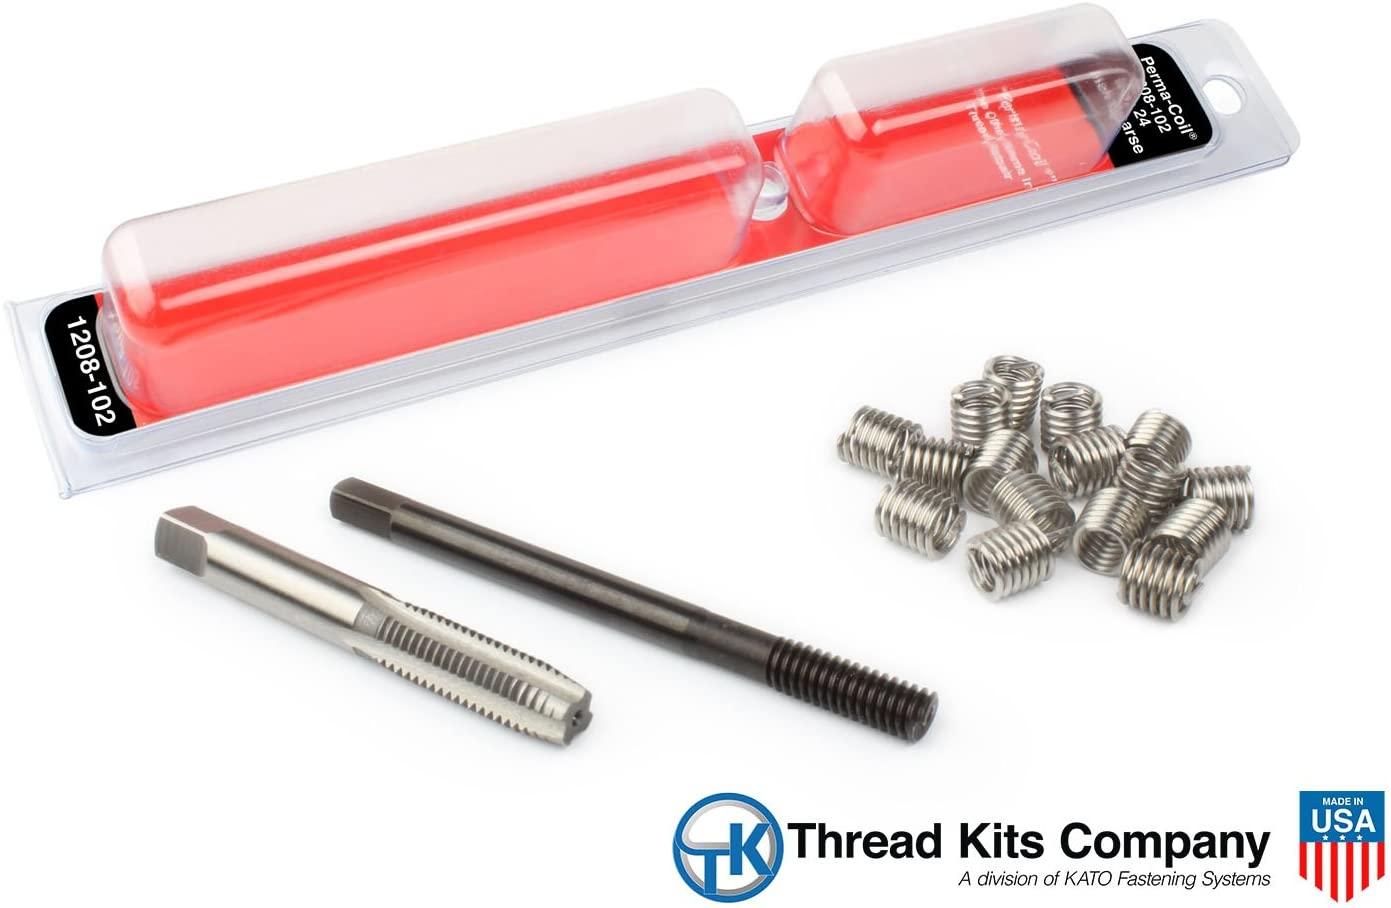 Perma-Coil 1208-102 Thread Repair Kit 12-24 12PC Helicoil 5401-1